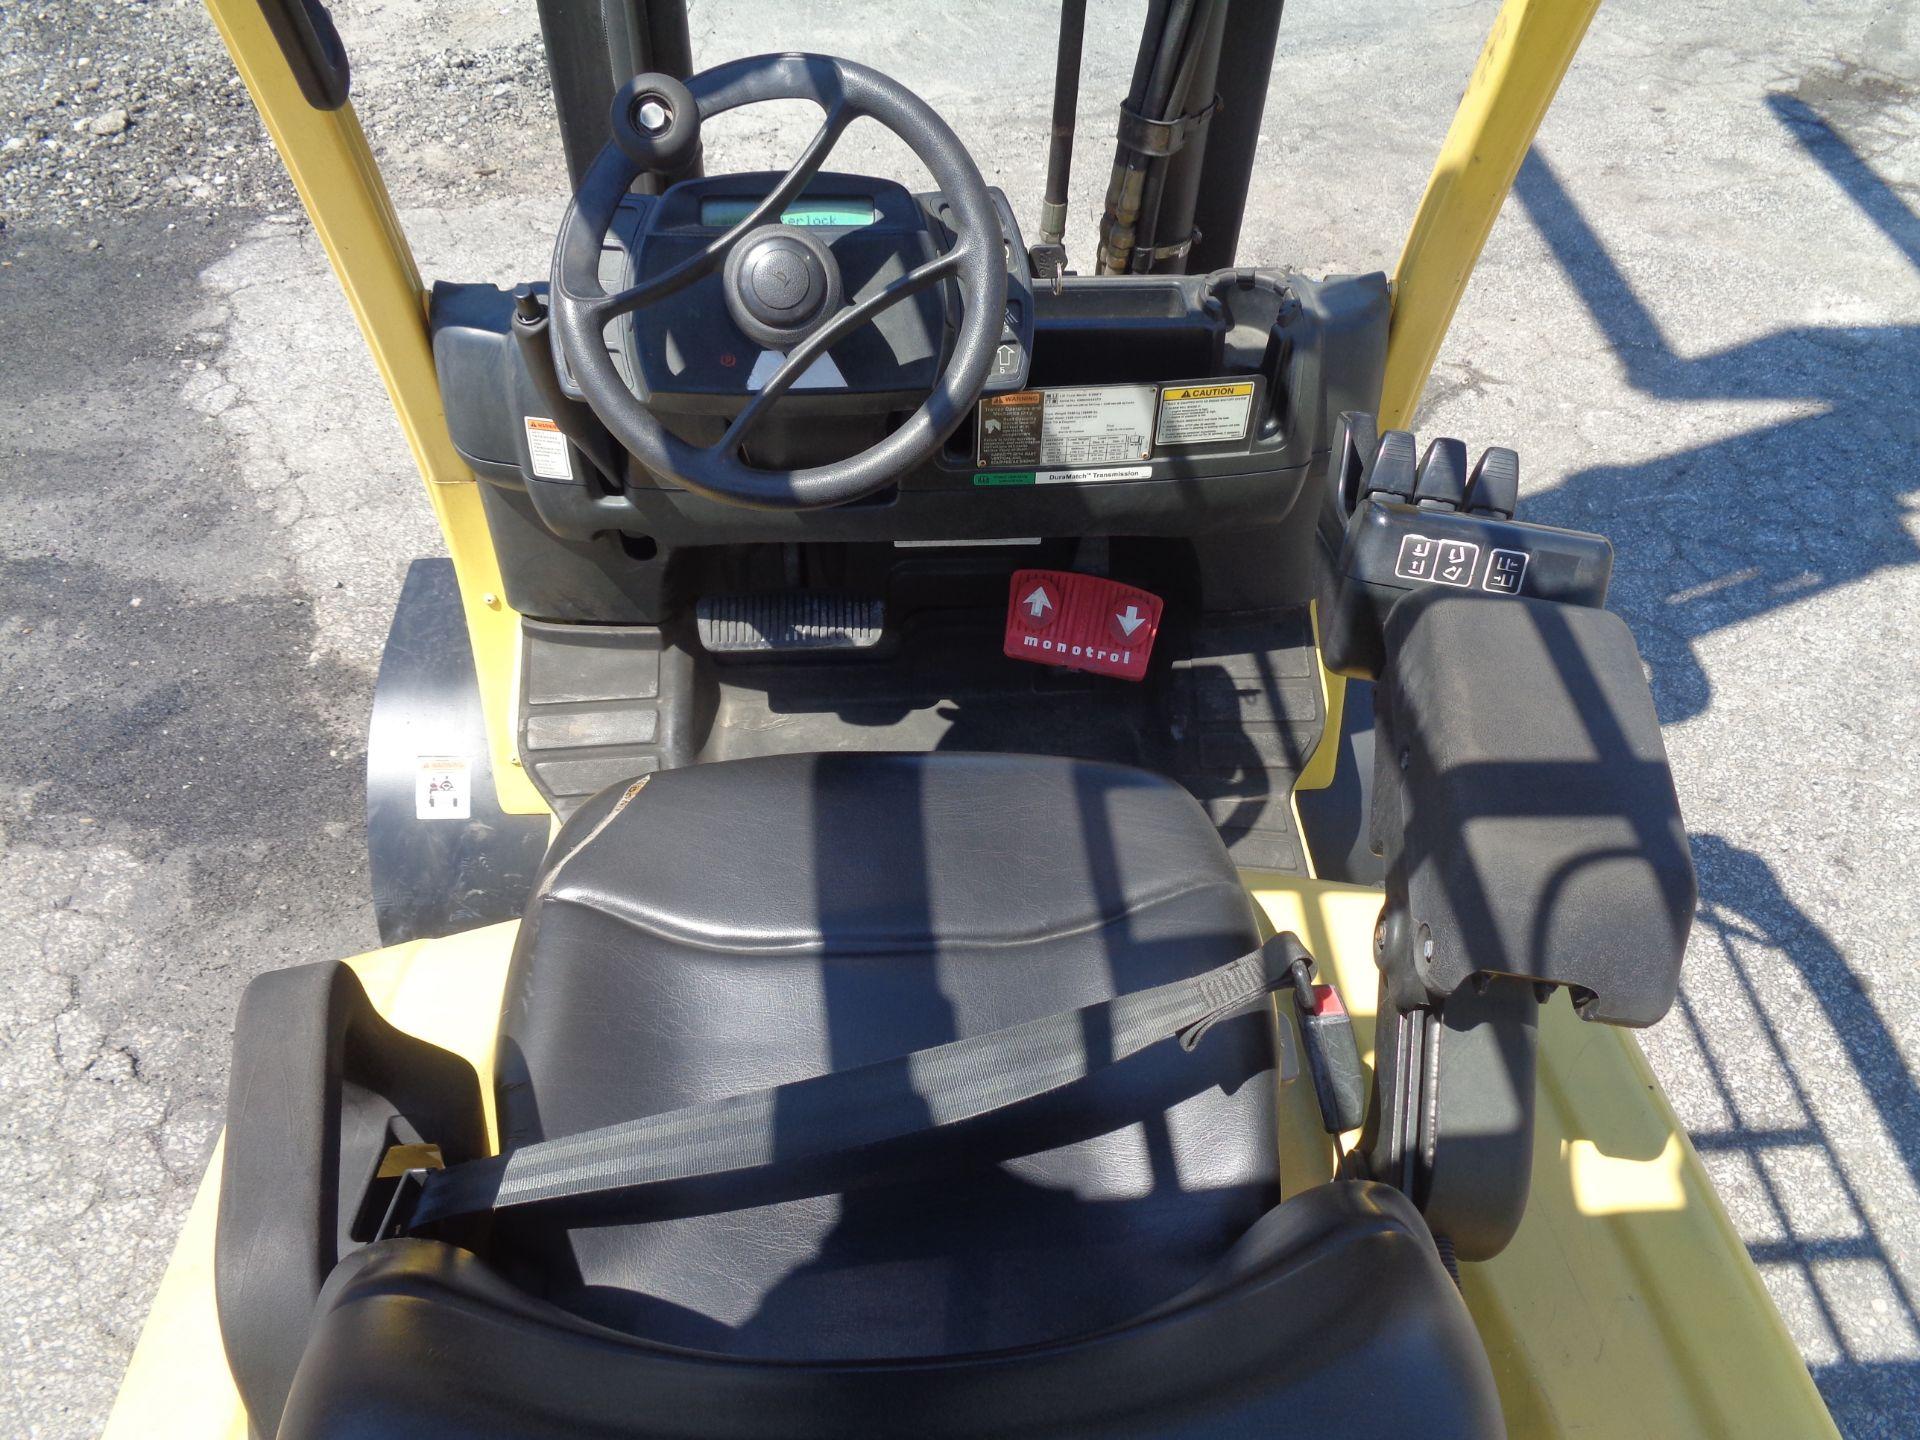 Hyster S100FT 10,000lb Forklift - Image 16 of 17